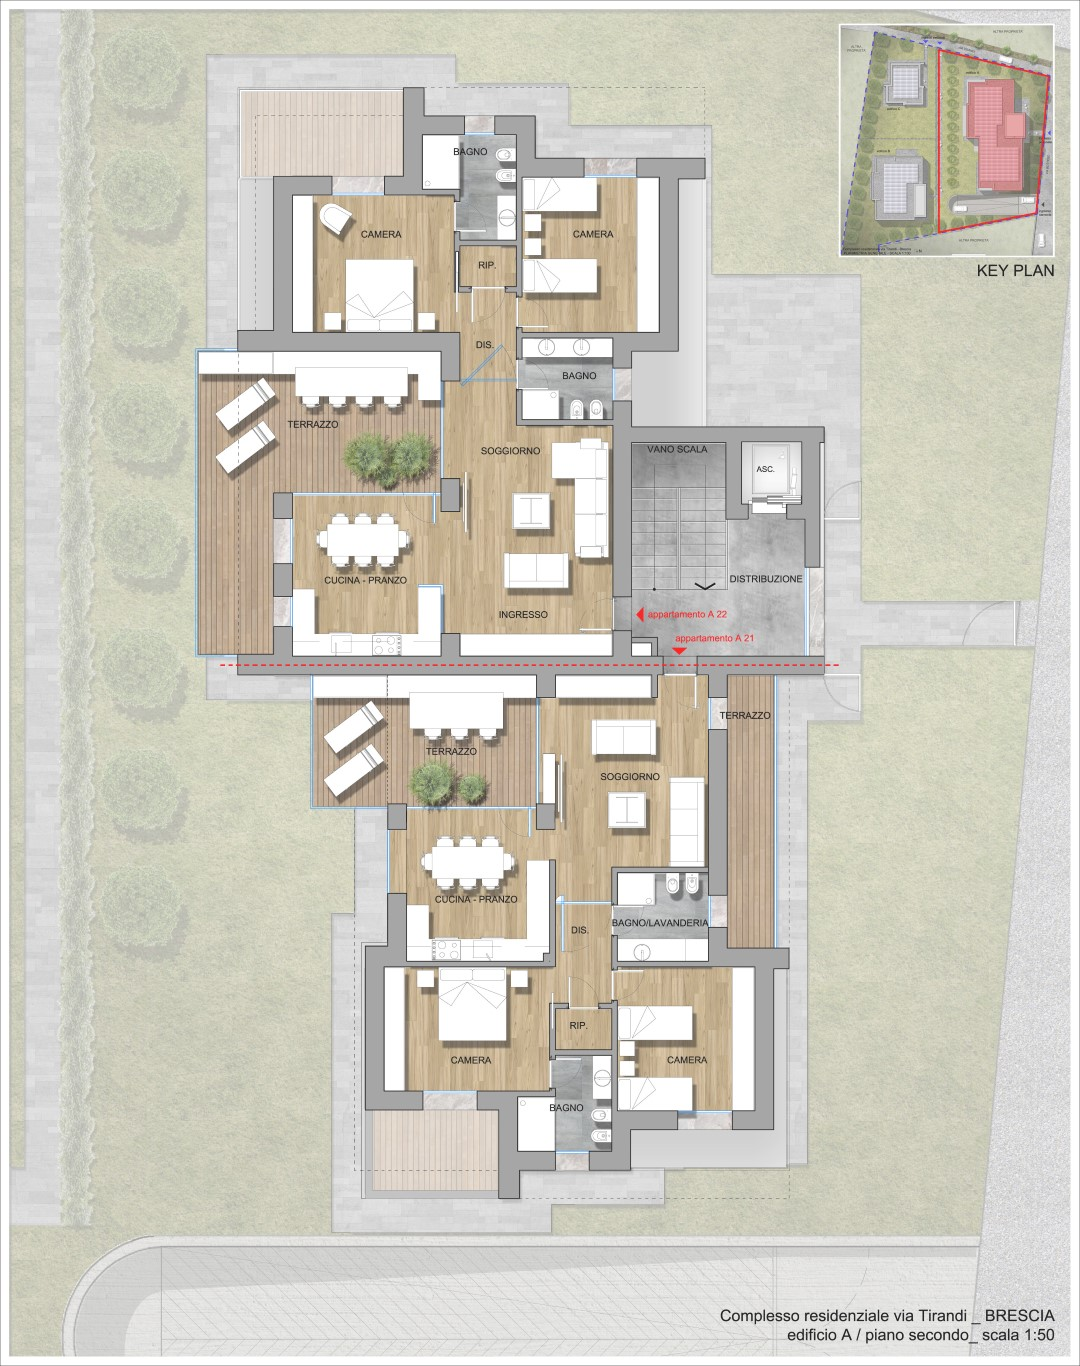 Complesso residenziale via Tirandi - Brescia -ULTIMI TRILOCALI IN VENDITA